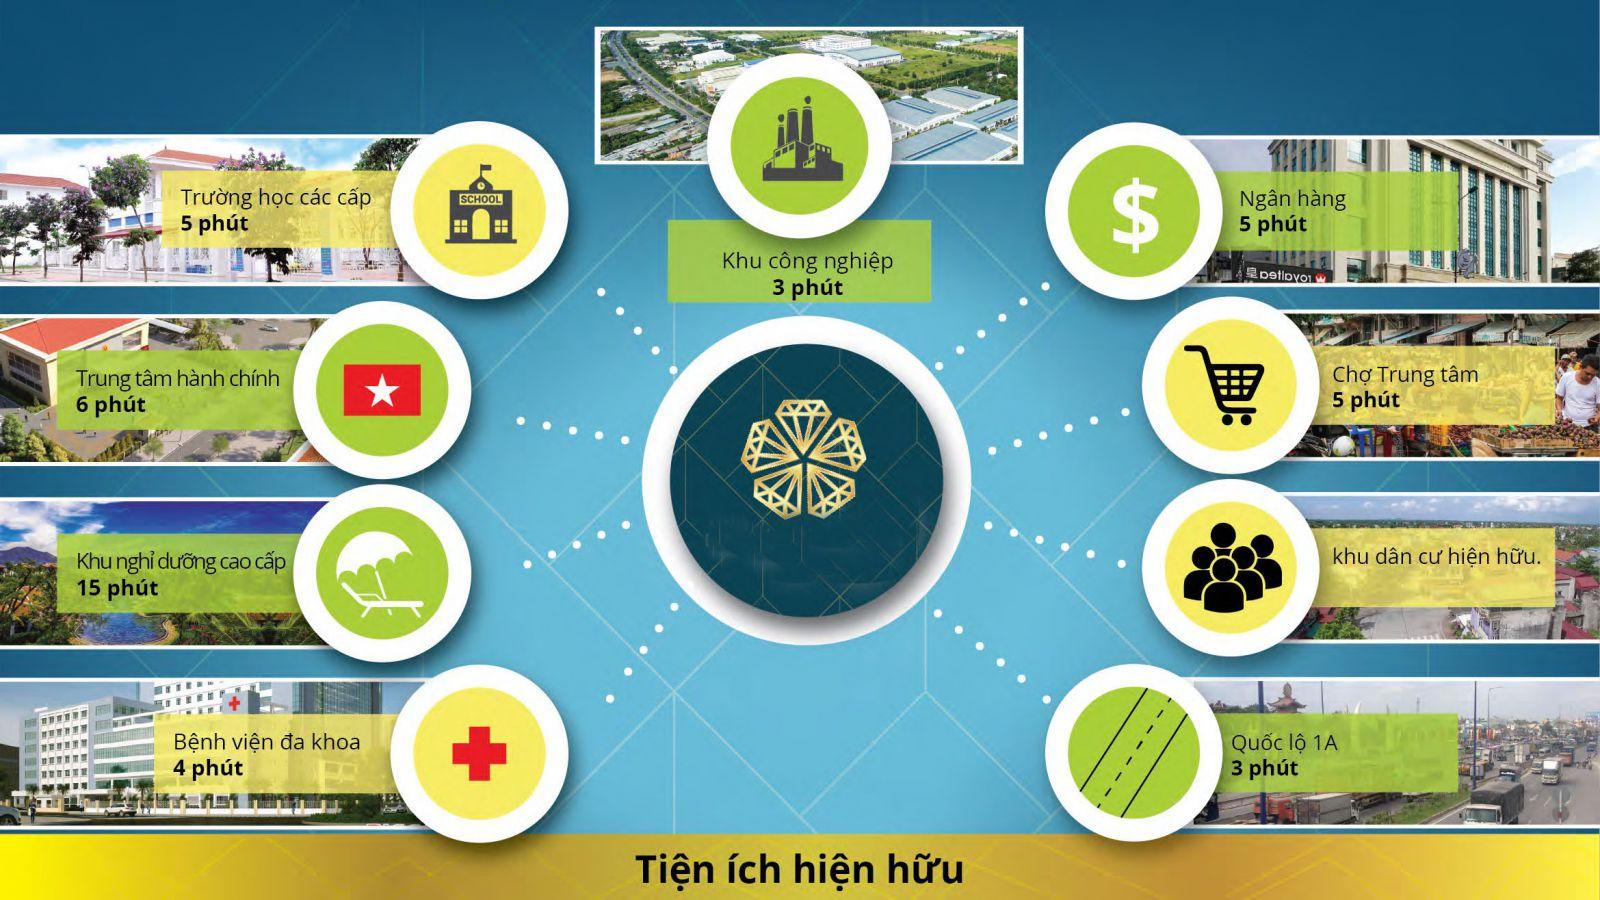 Những dịch vụ tiêu chuẩn của khu đất nền Cam Lâm